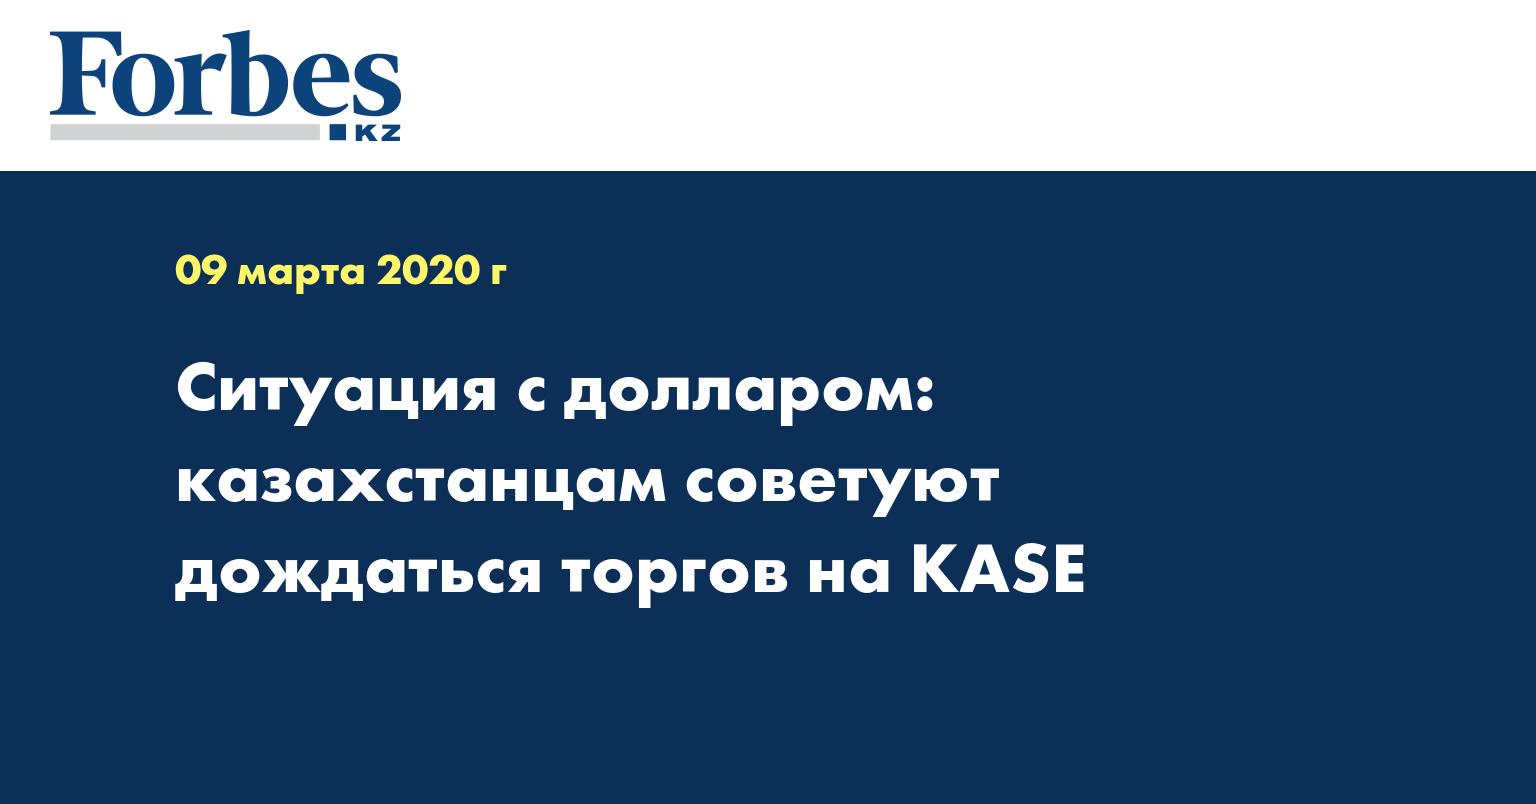 Ситуация с долларом: казахстанцам советуют дождаться торгов на KASE